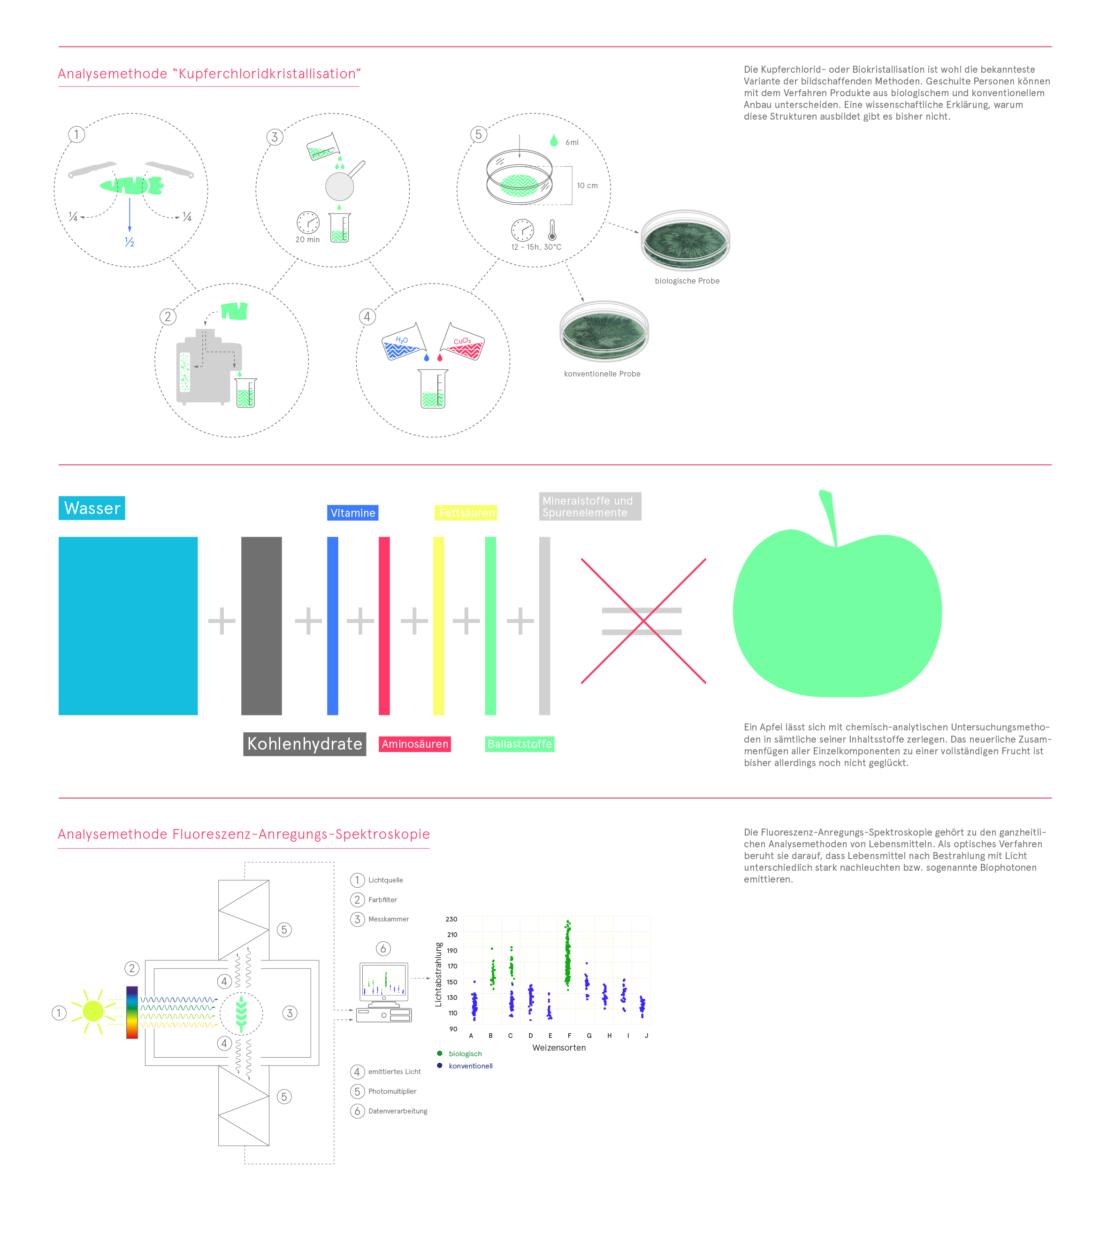 Ganzheitliche Analysemethoden Ganzheitlichkeit,Bio 3.0, #biodreinull, Wissensvisualisierung, FiBL, dform, SCR